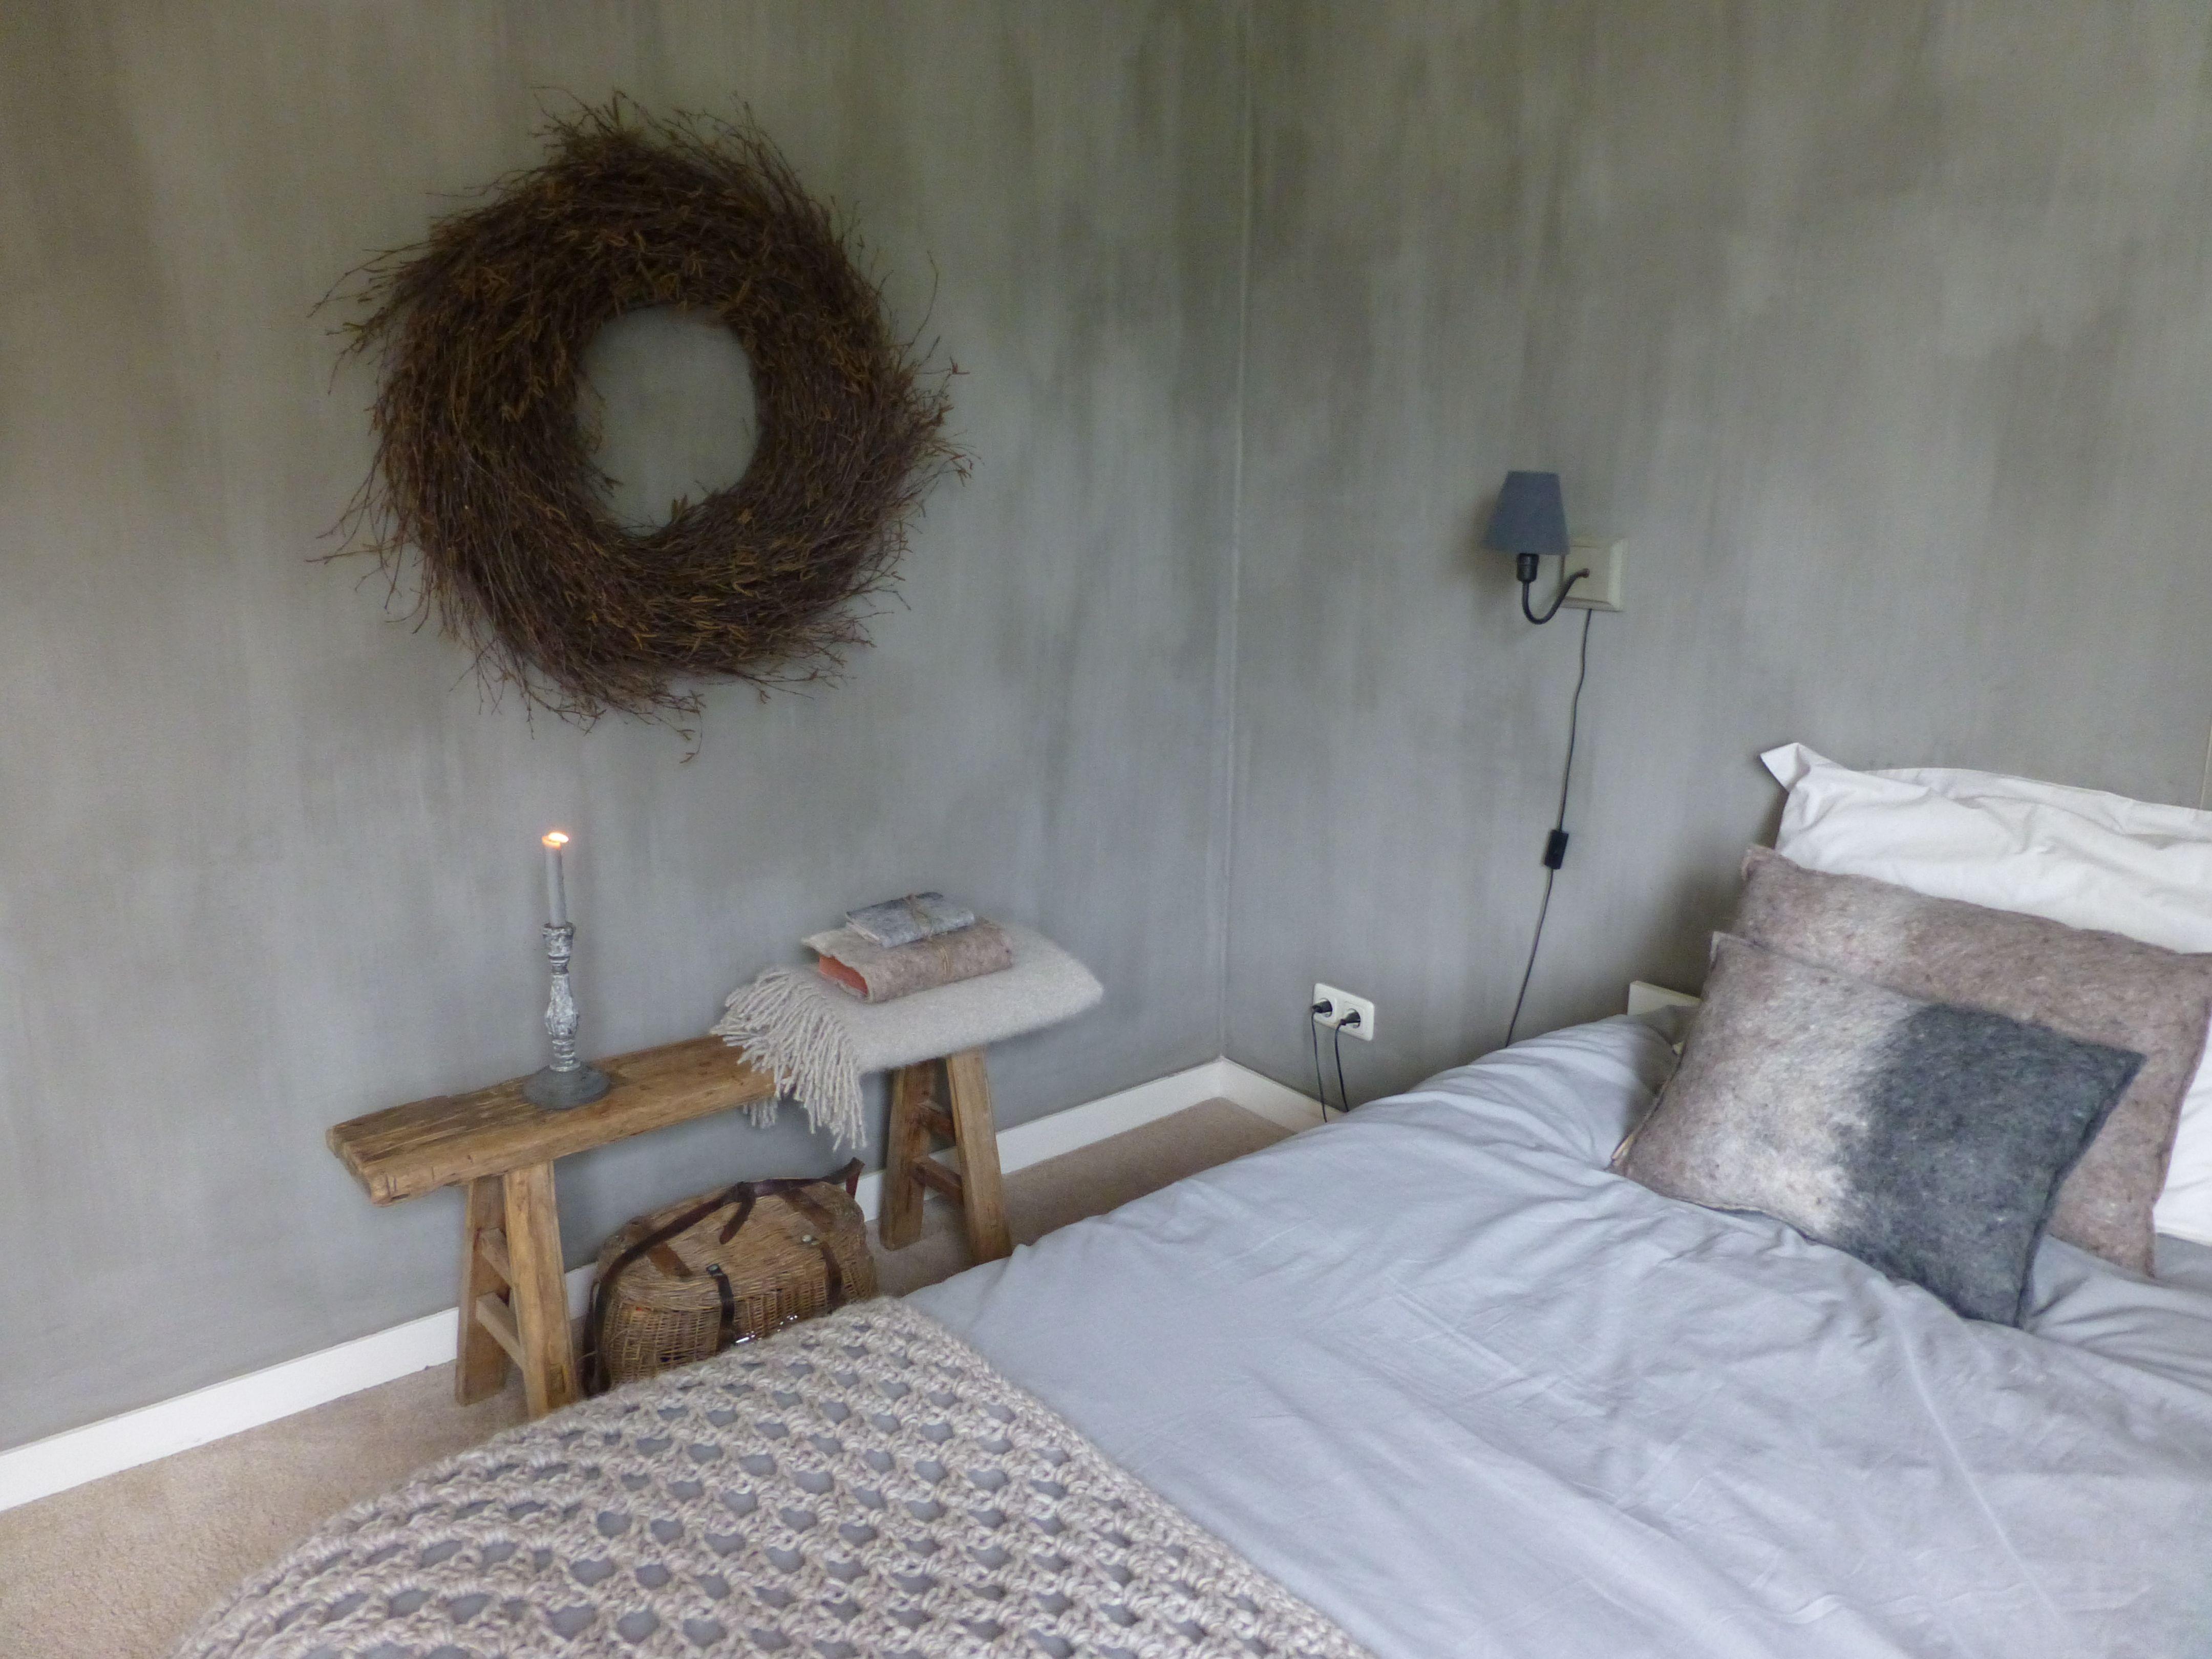 Houten Bankje Slaapkamer : Warme sfeer op de slaapkamer met van wol gevilte woonaccessoires